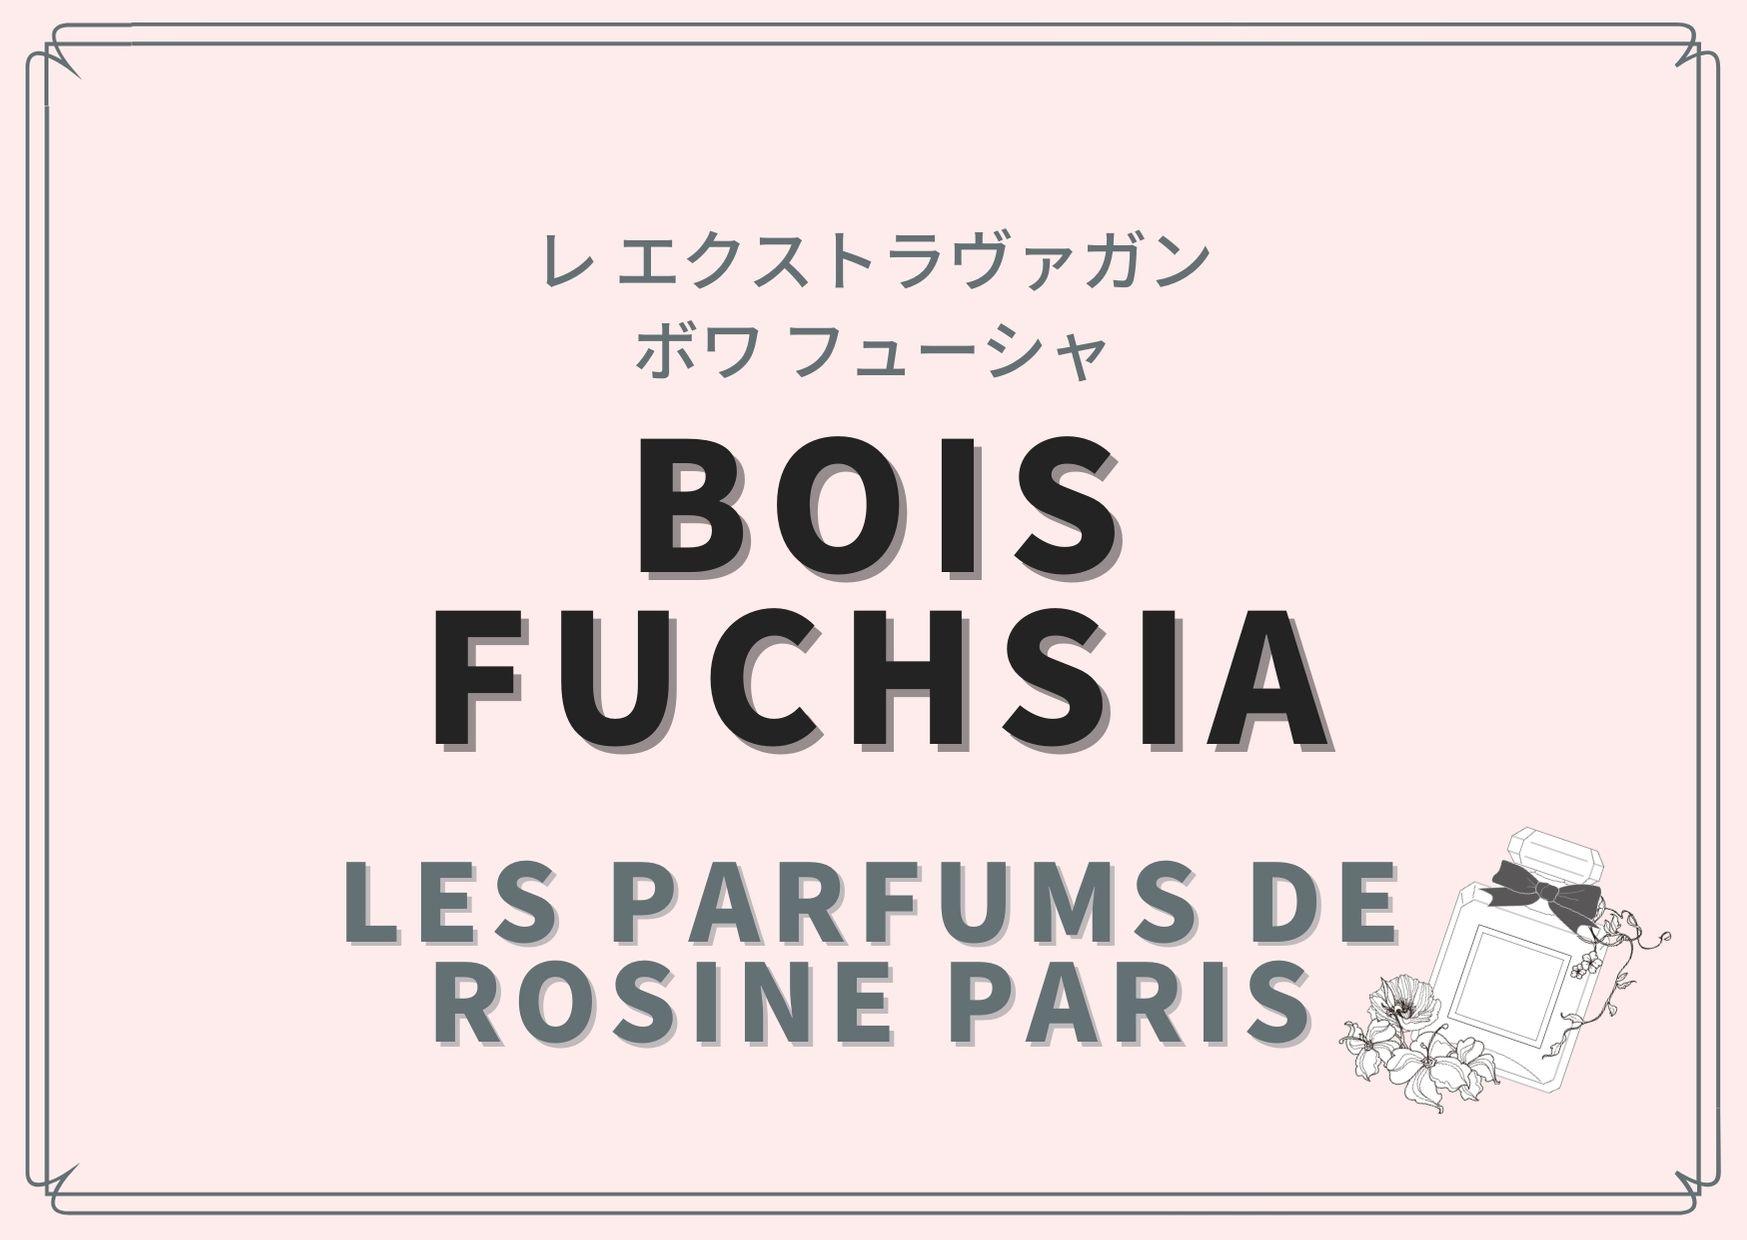 Bois Fuchsia(レ エクストラヴァガン ボワ フューシャ)/LES PARFUMS DE ROSINE PARIS(パルファン ロジーヌ パリ)